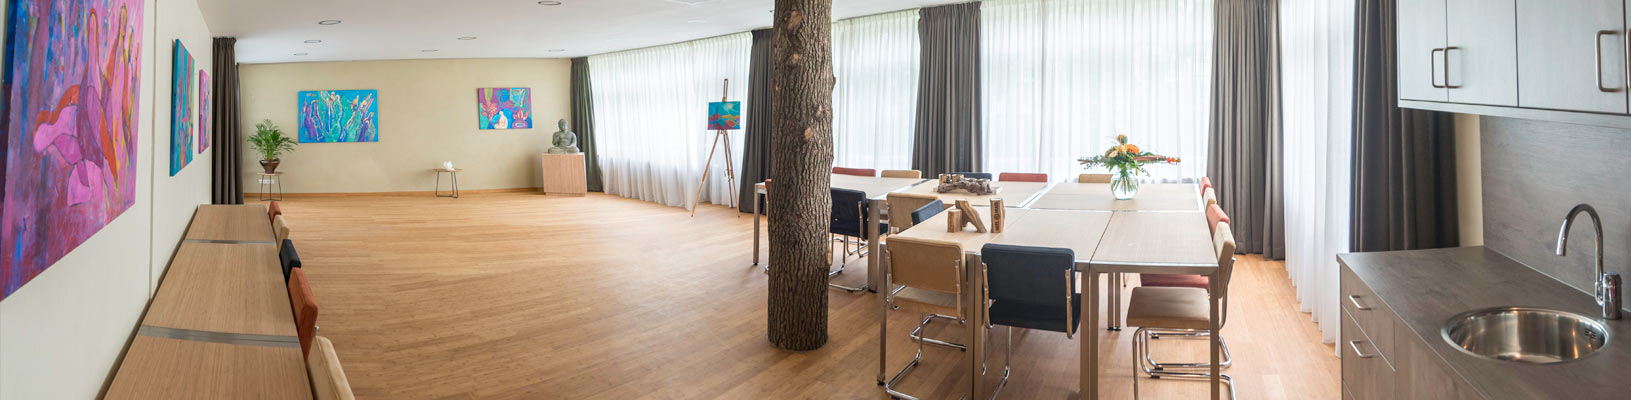 Werkgroep Schüssler Celzouten HeelHuus Gezondheidscentrum Warnsveld Zutphen